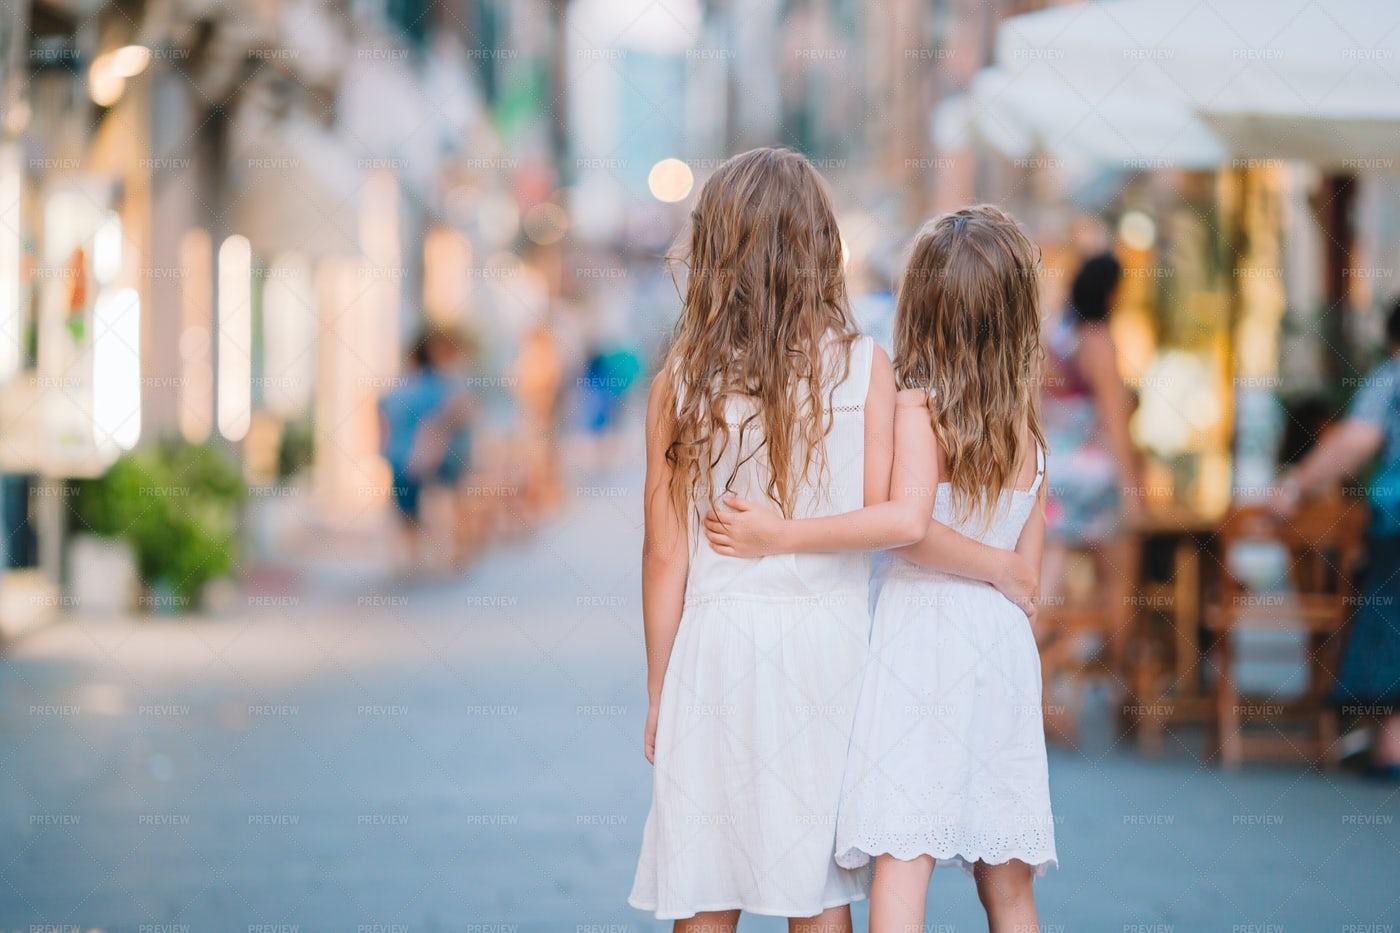 Little Girls In A Street: Stock Photos